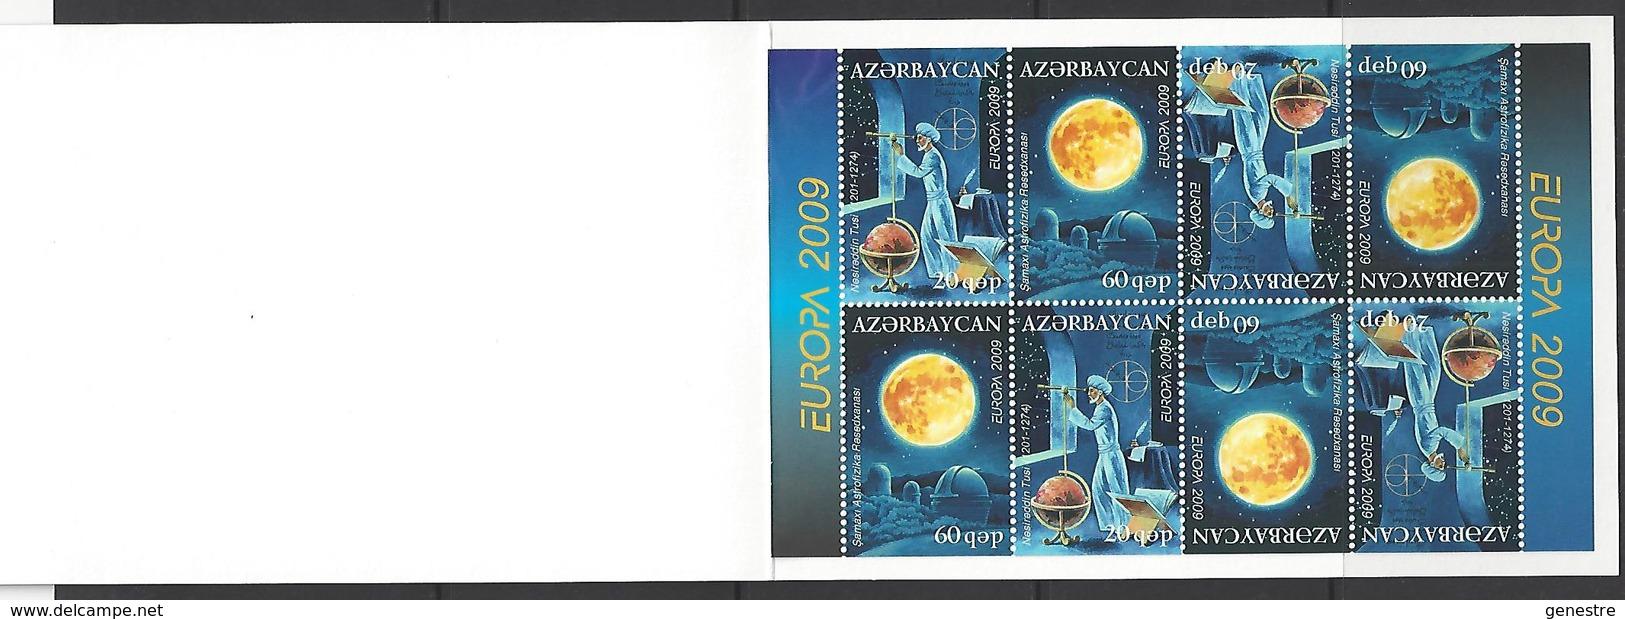 Azerbaïdjan / Azerbaycan - 2009 - Europa - BF78 (650/651) Astronomie  ** MNH - Azerbaïjan